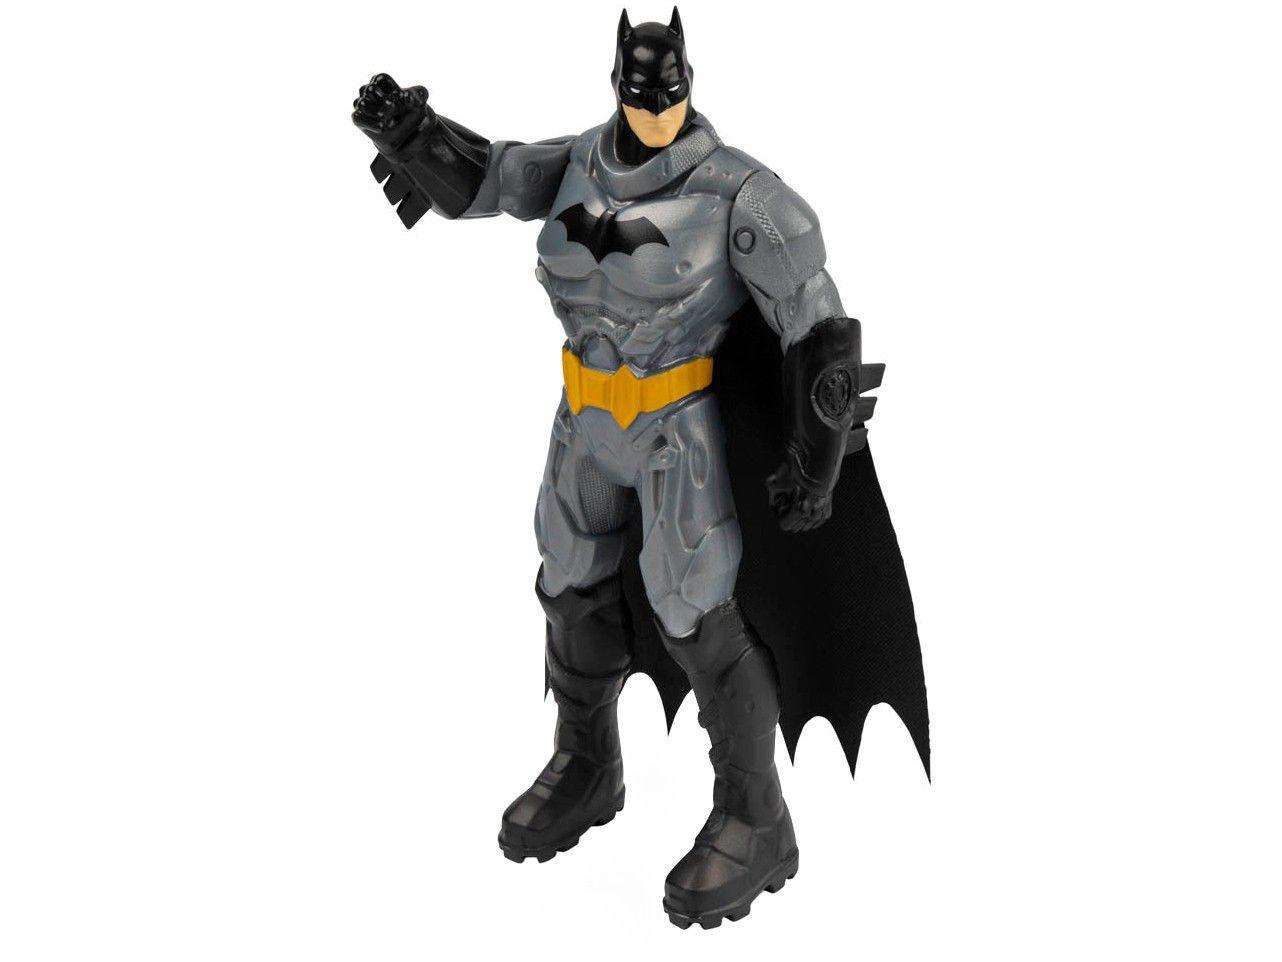 Boneco Batman DC 14,5cm Sunny Brinquedos